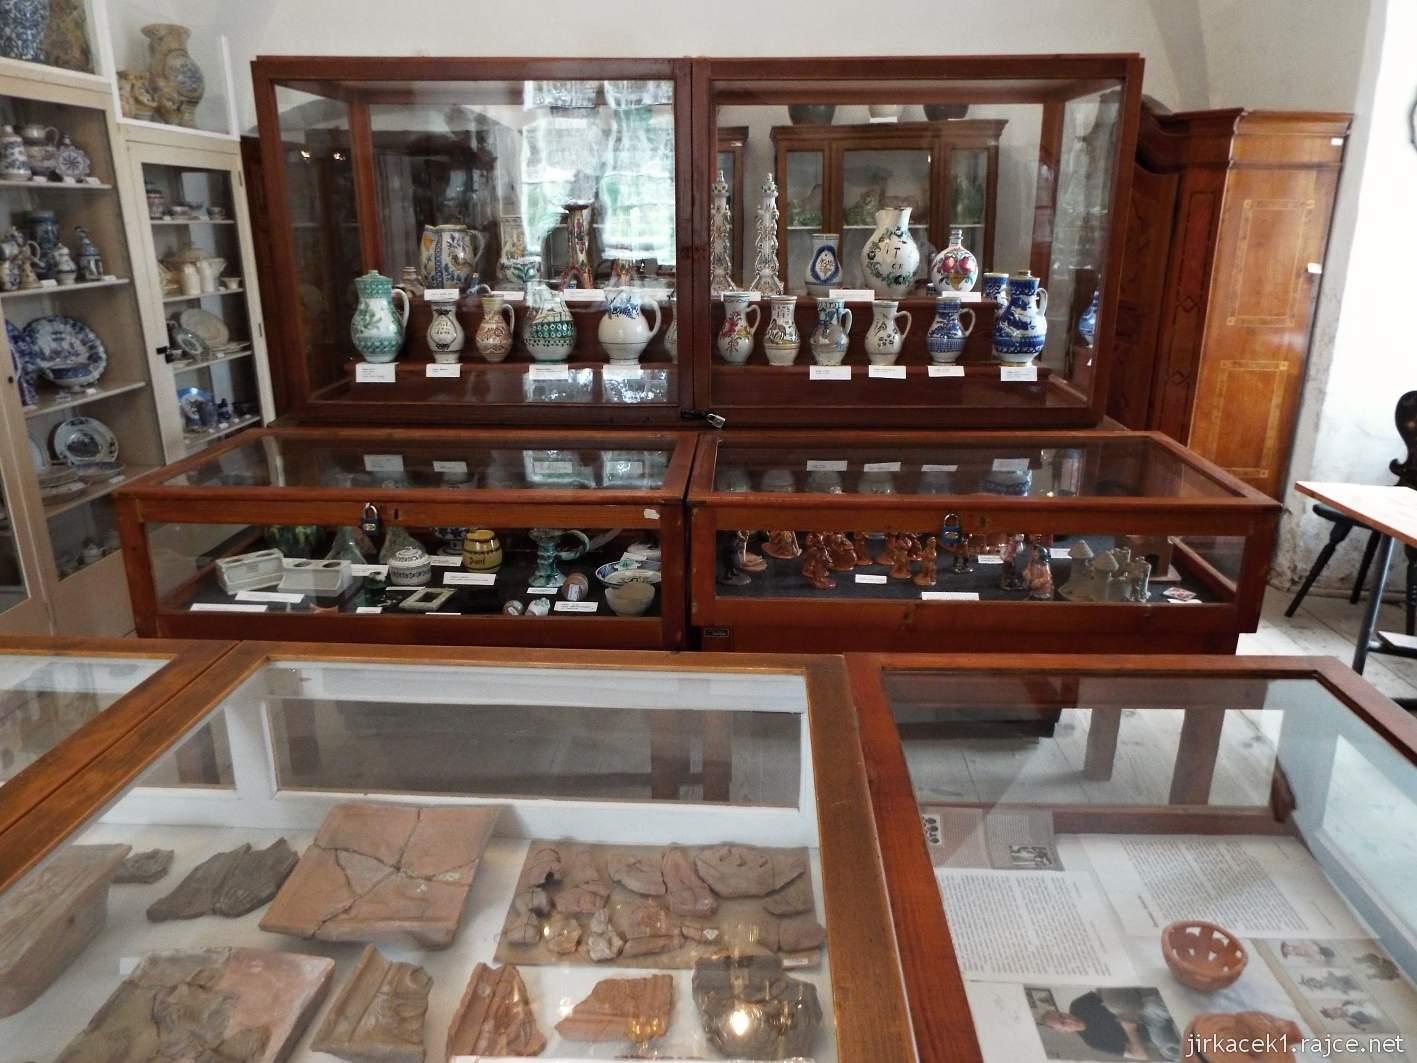 Zámek Ždánice - Vrbasovo muzeum - expozice keramiky